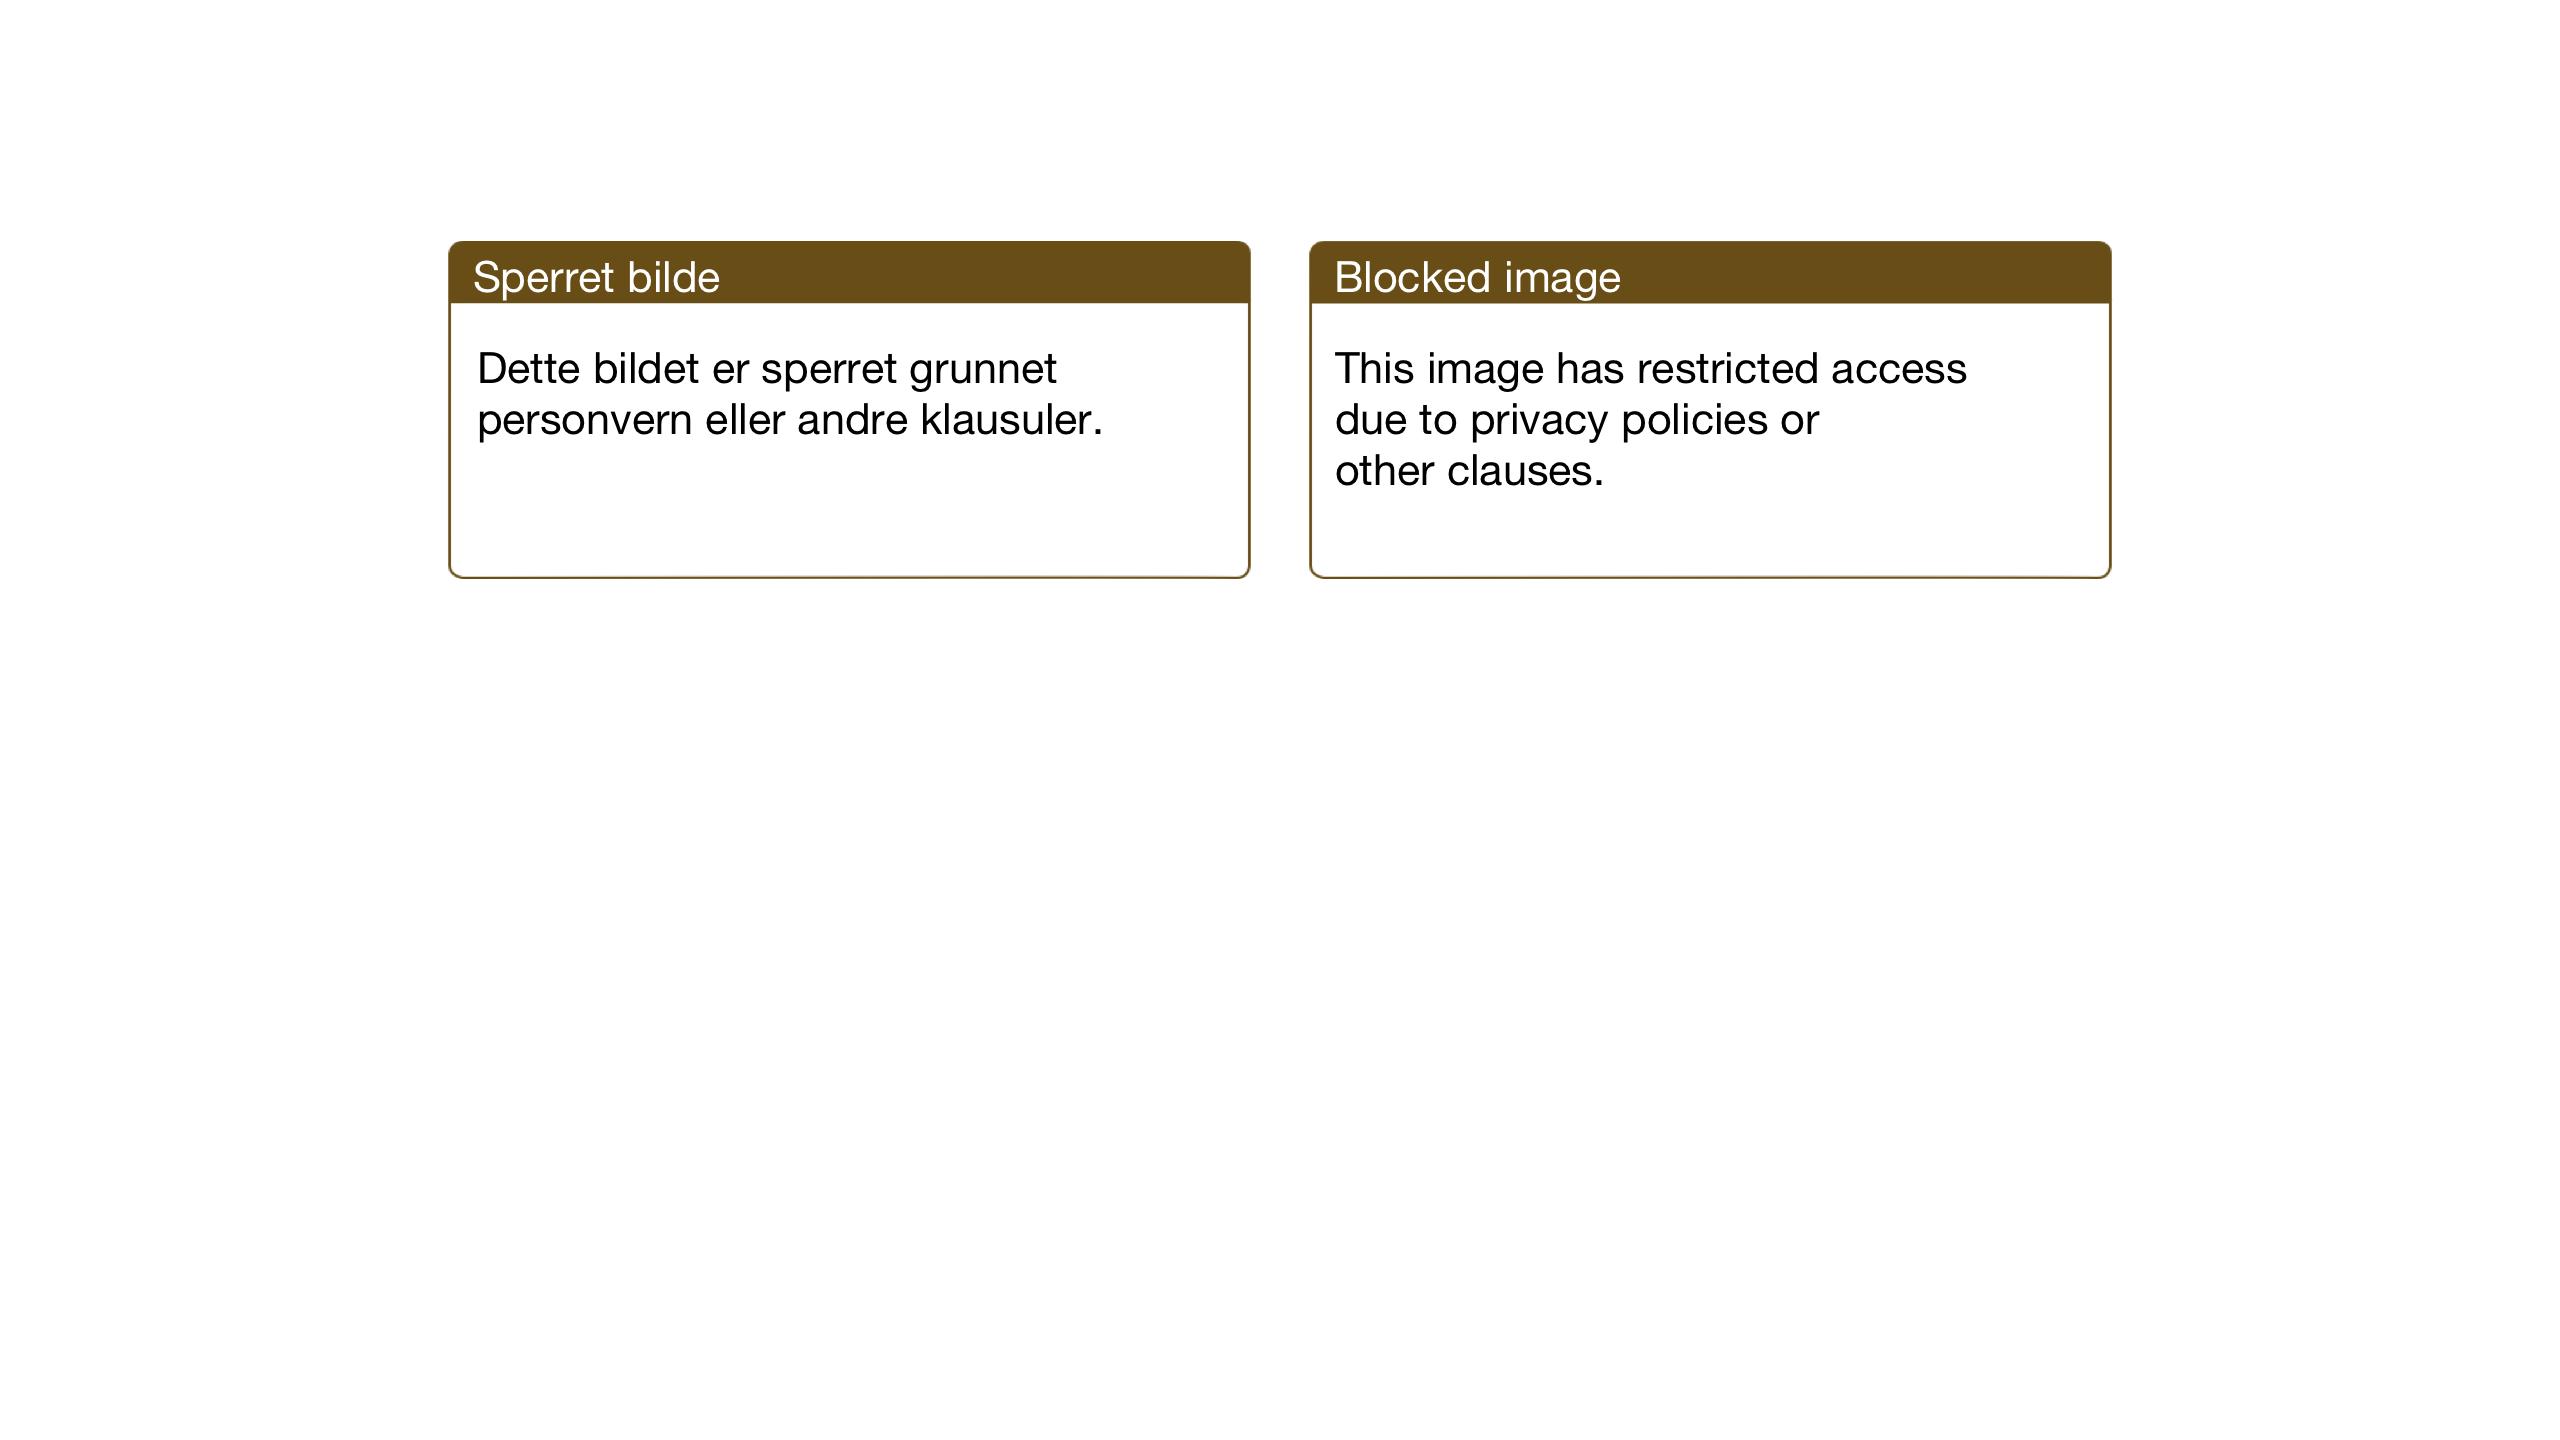 SAT, Ministerialprotokoller, klokkerbøker og fødselsregistre - Sør-Trøndelag, 638/L0569: Klokkerbok nr. 638C01, 1923-1961, s. 118